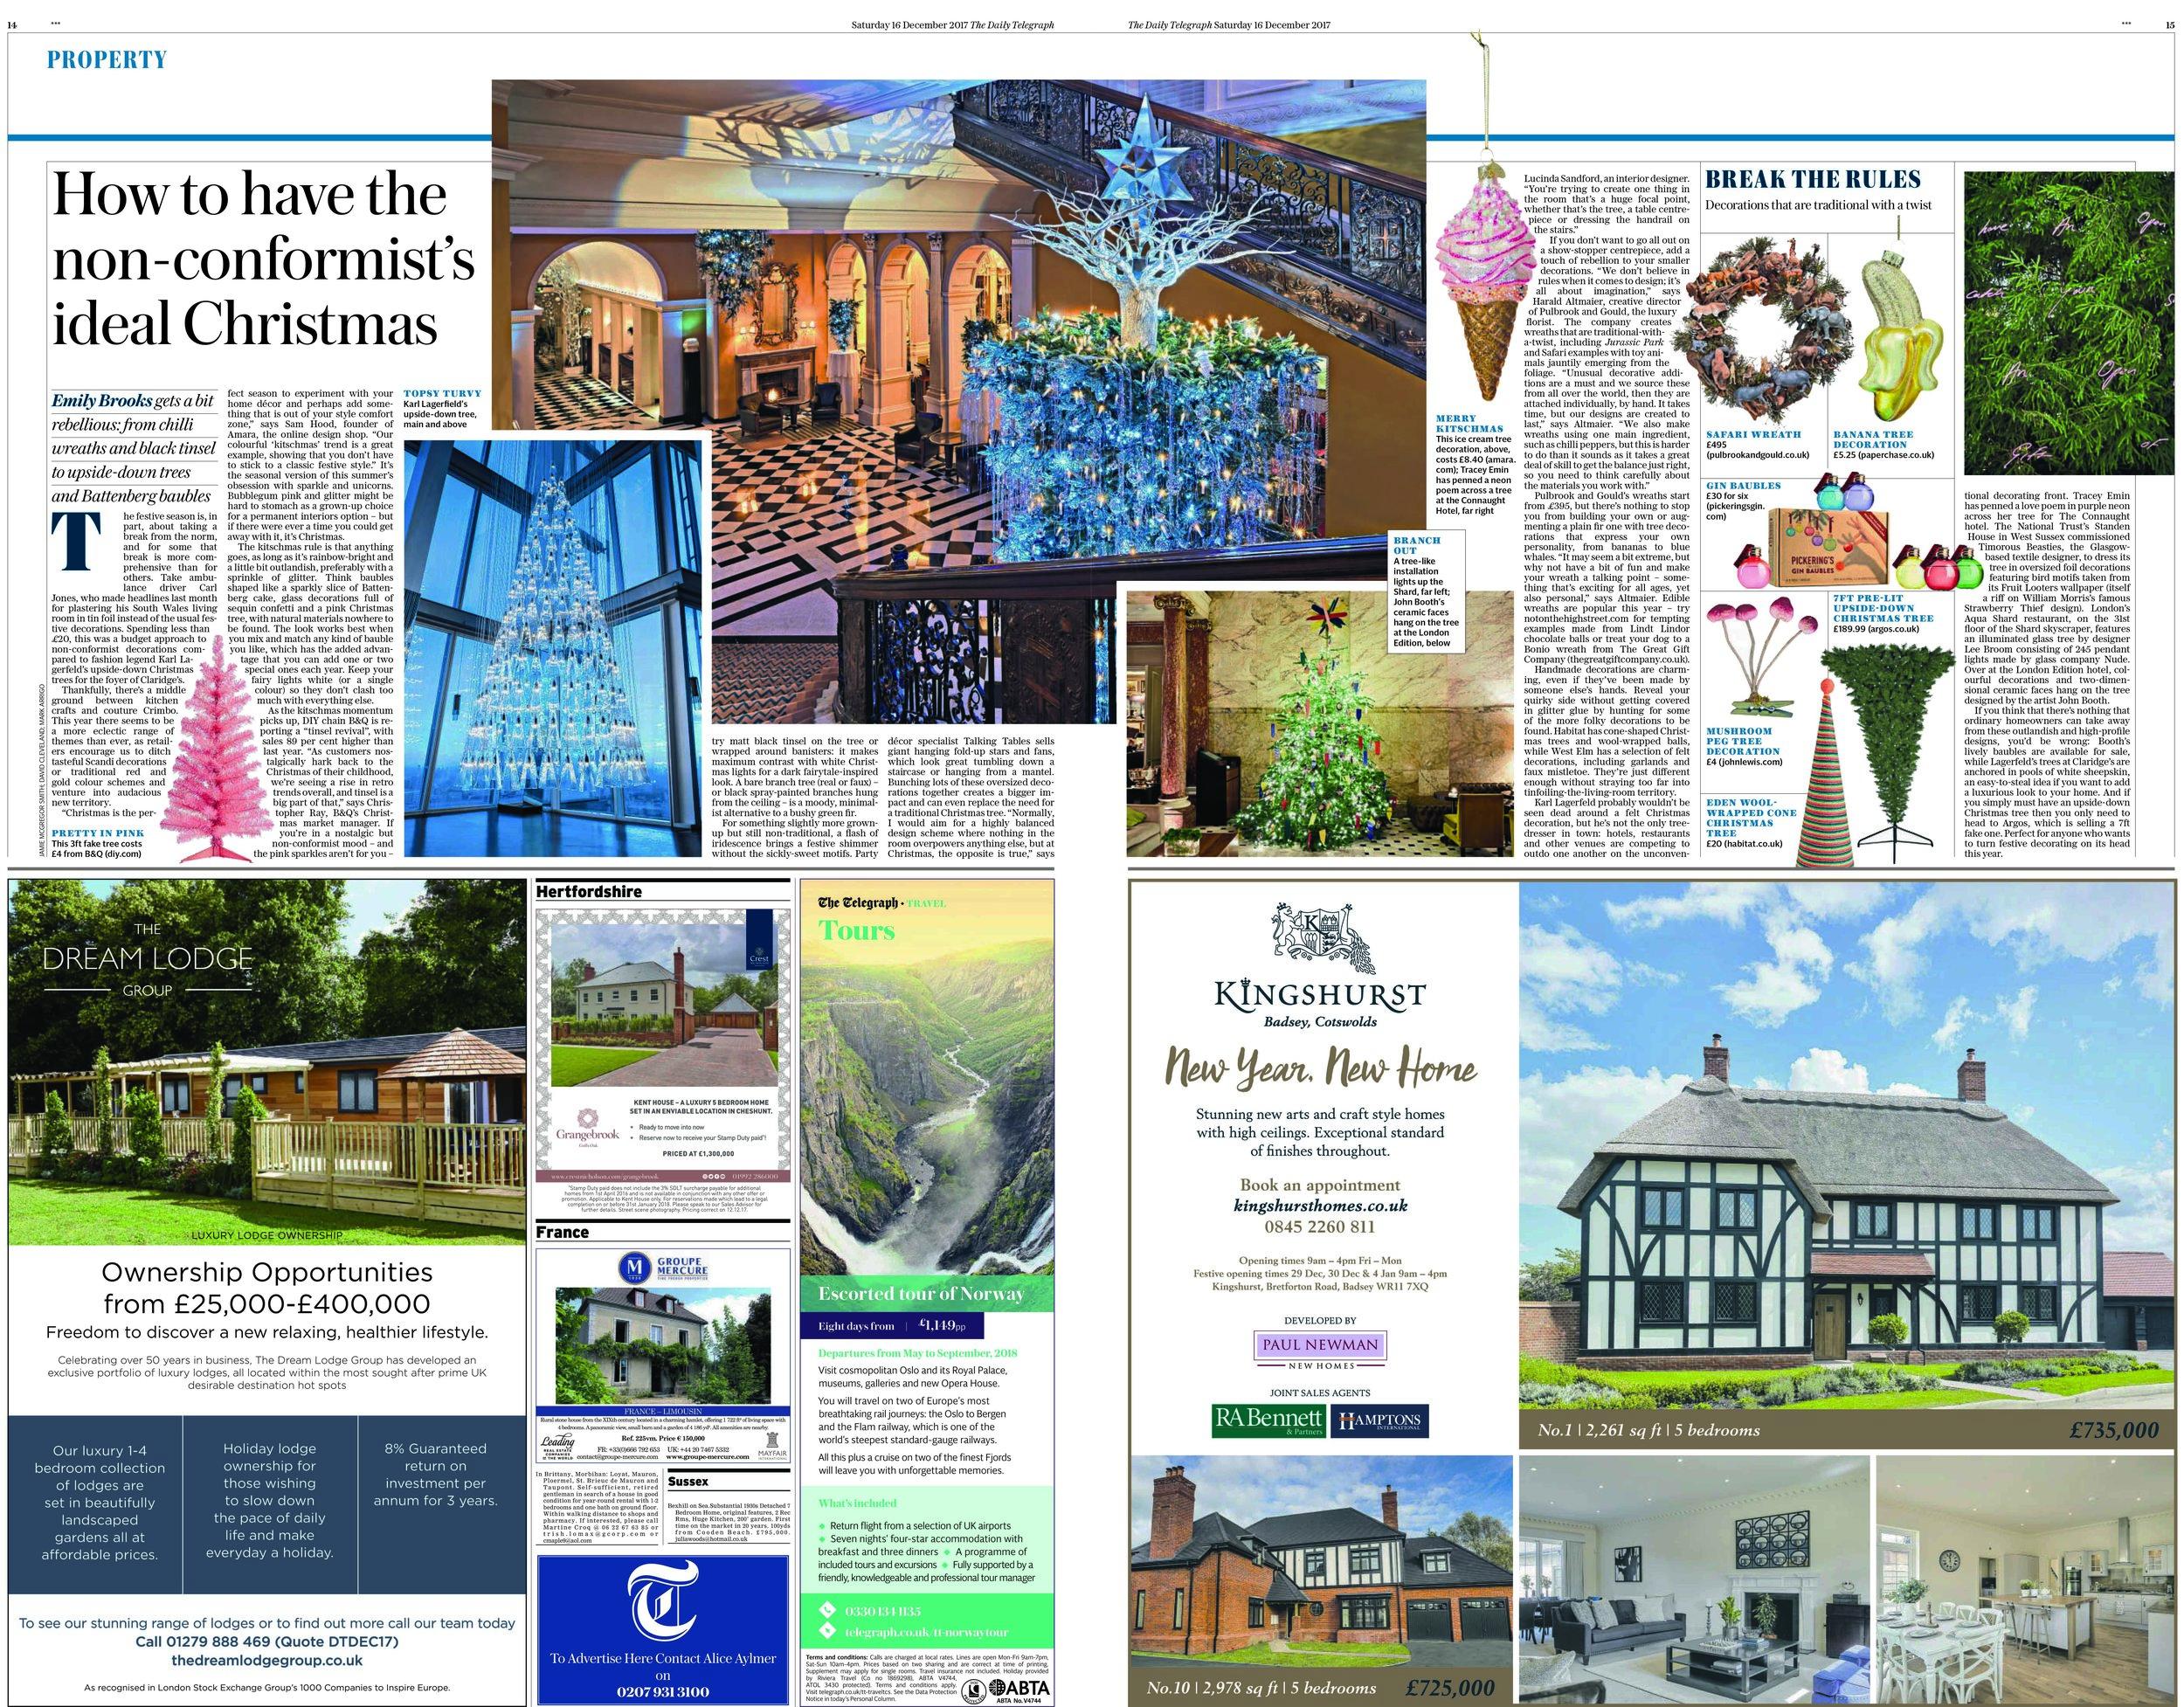 lucinda-sanford-interior-design-building-architecture